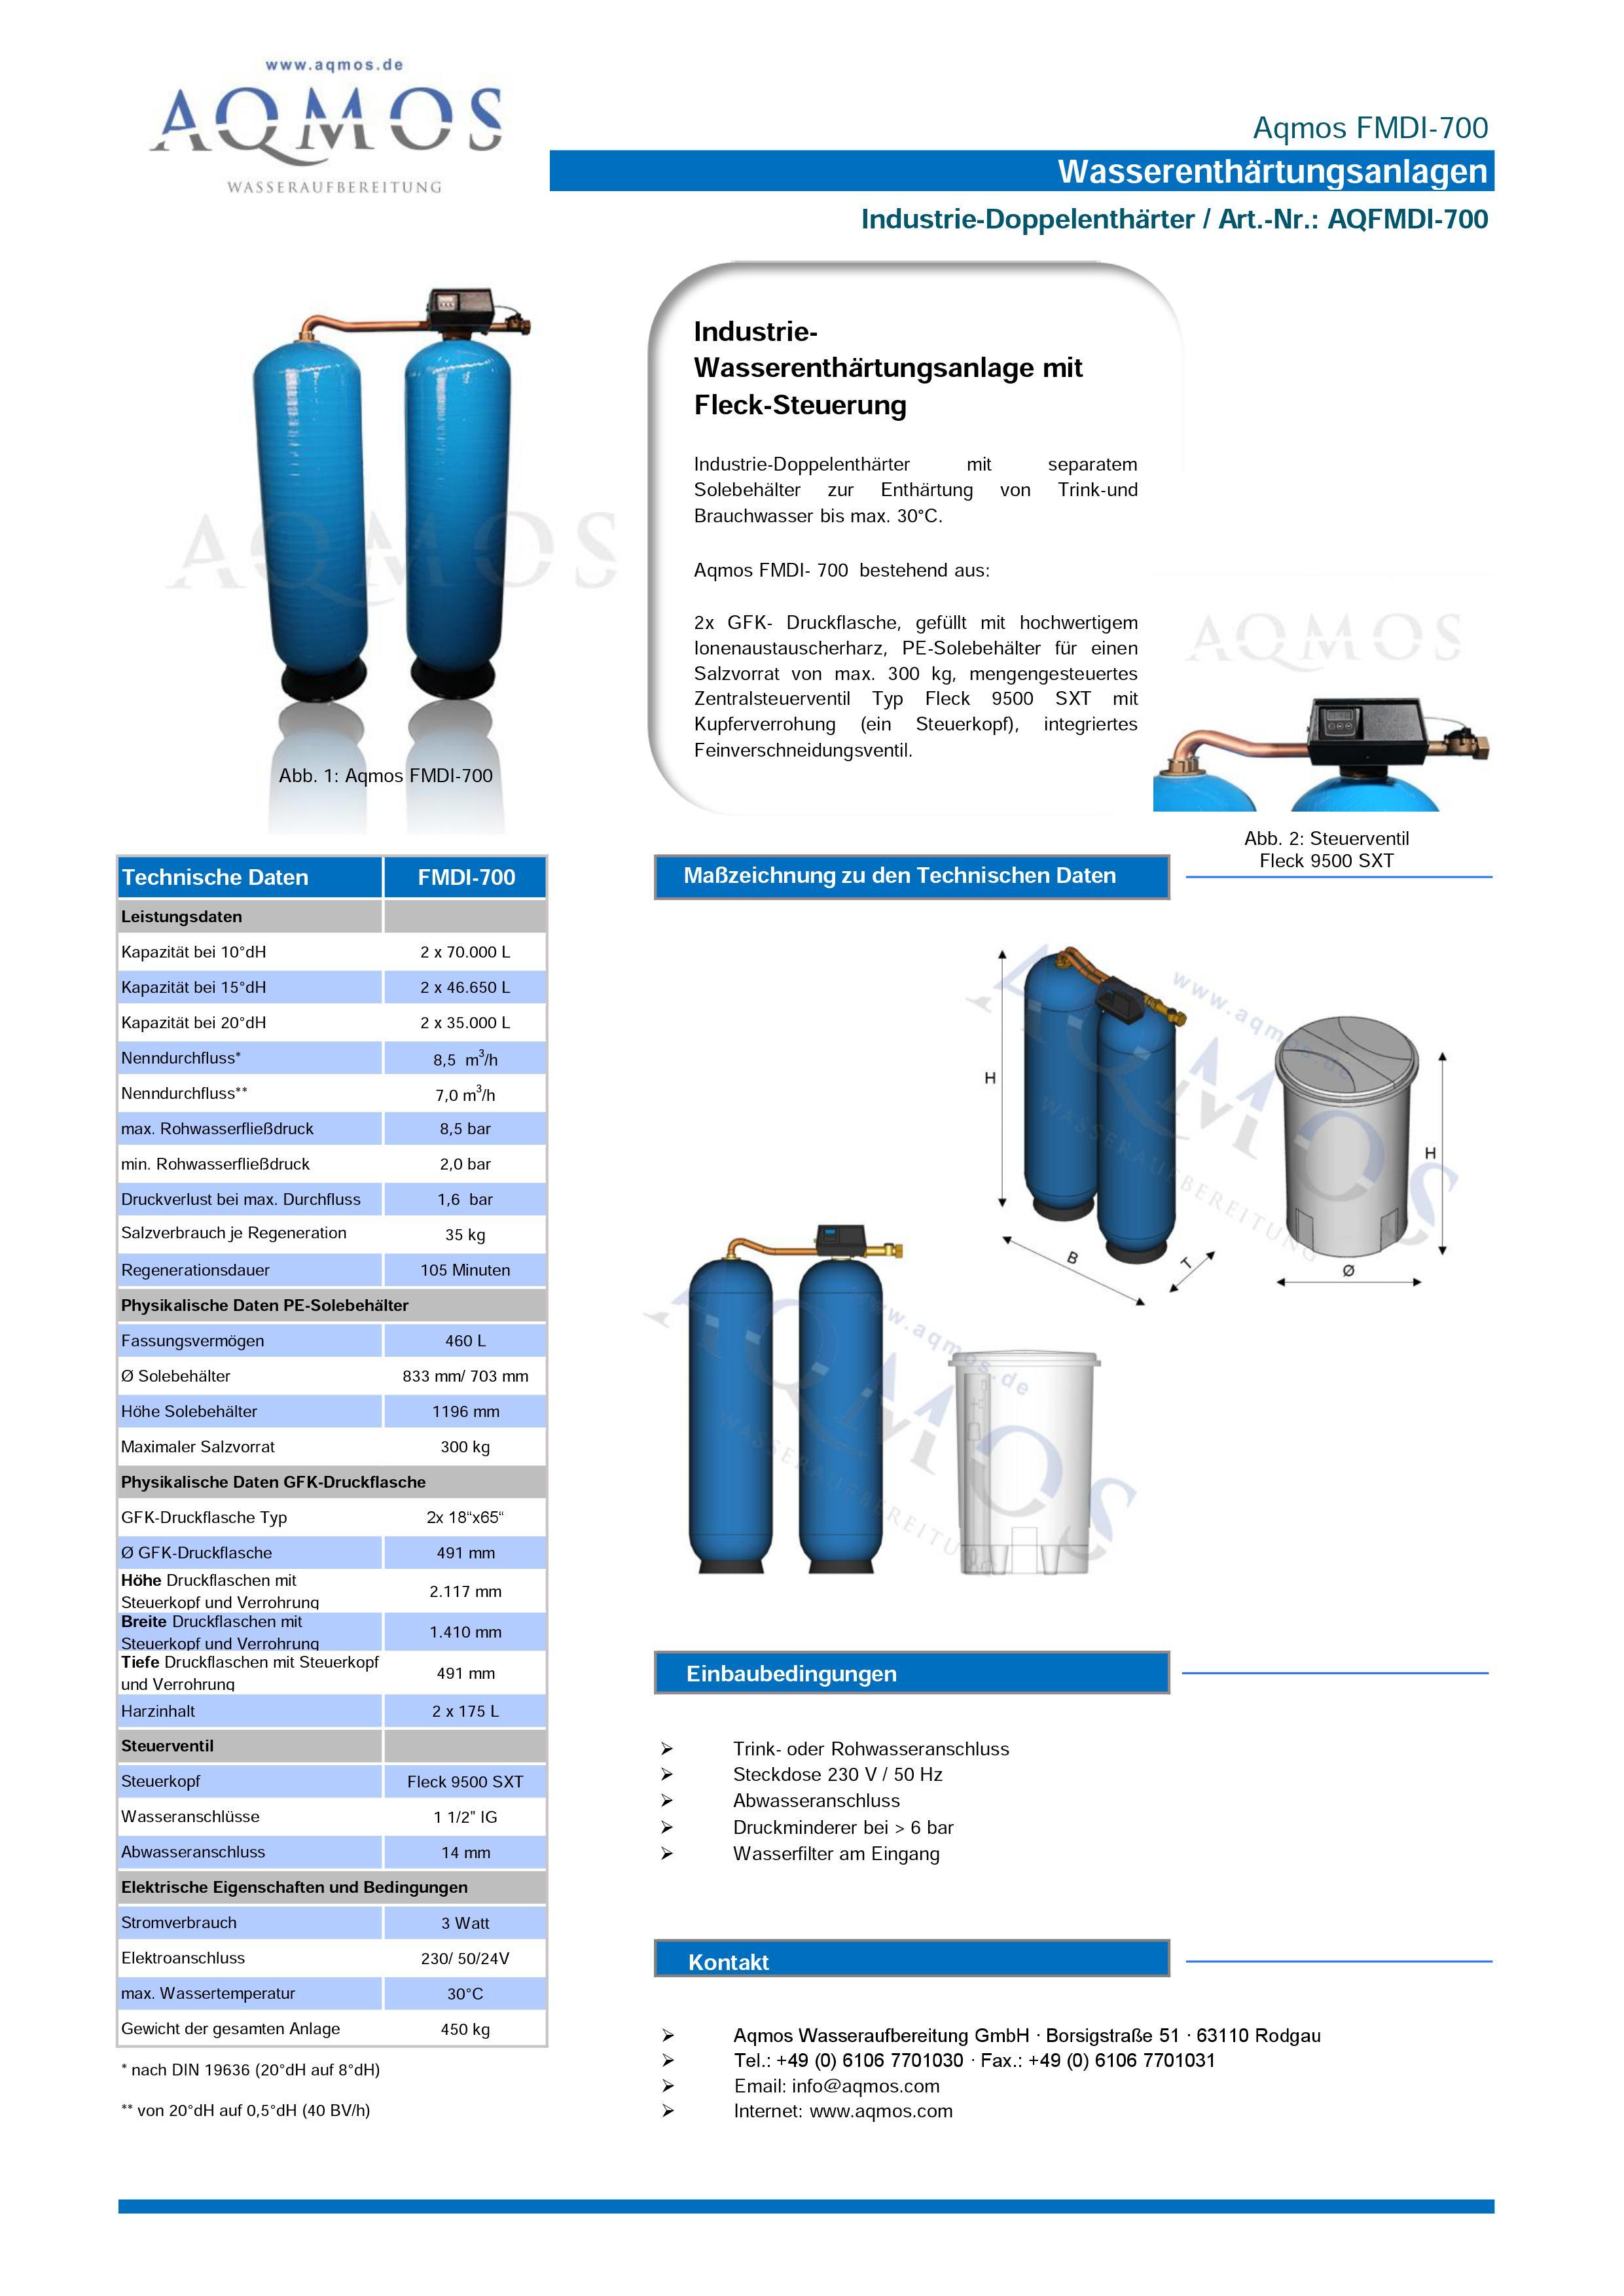 Aqmos-FMDI-700